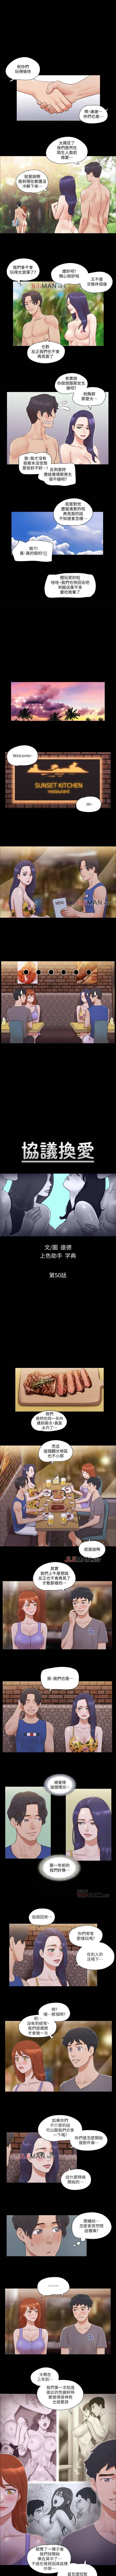 【周五连载】协议换爱(作者:遠德) 第1~57话 209